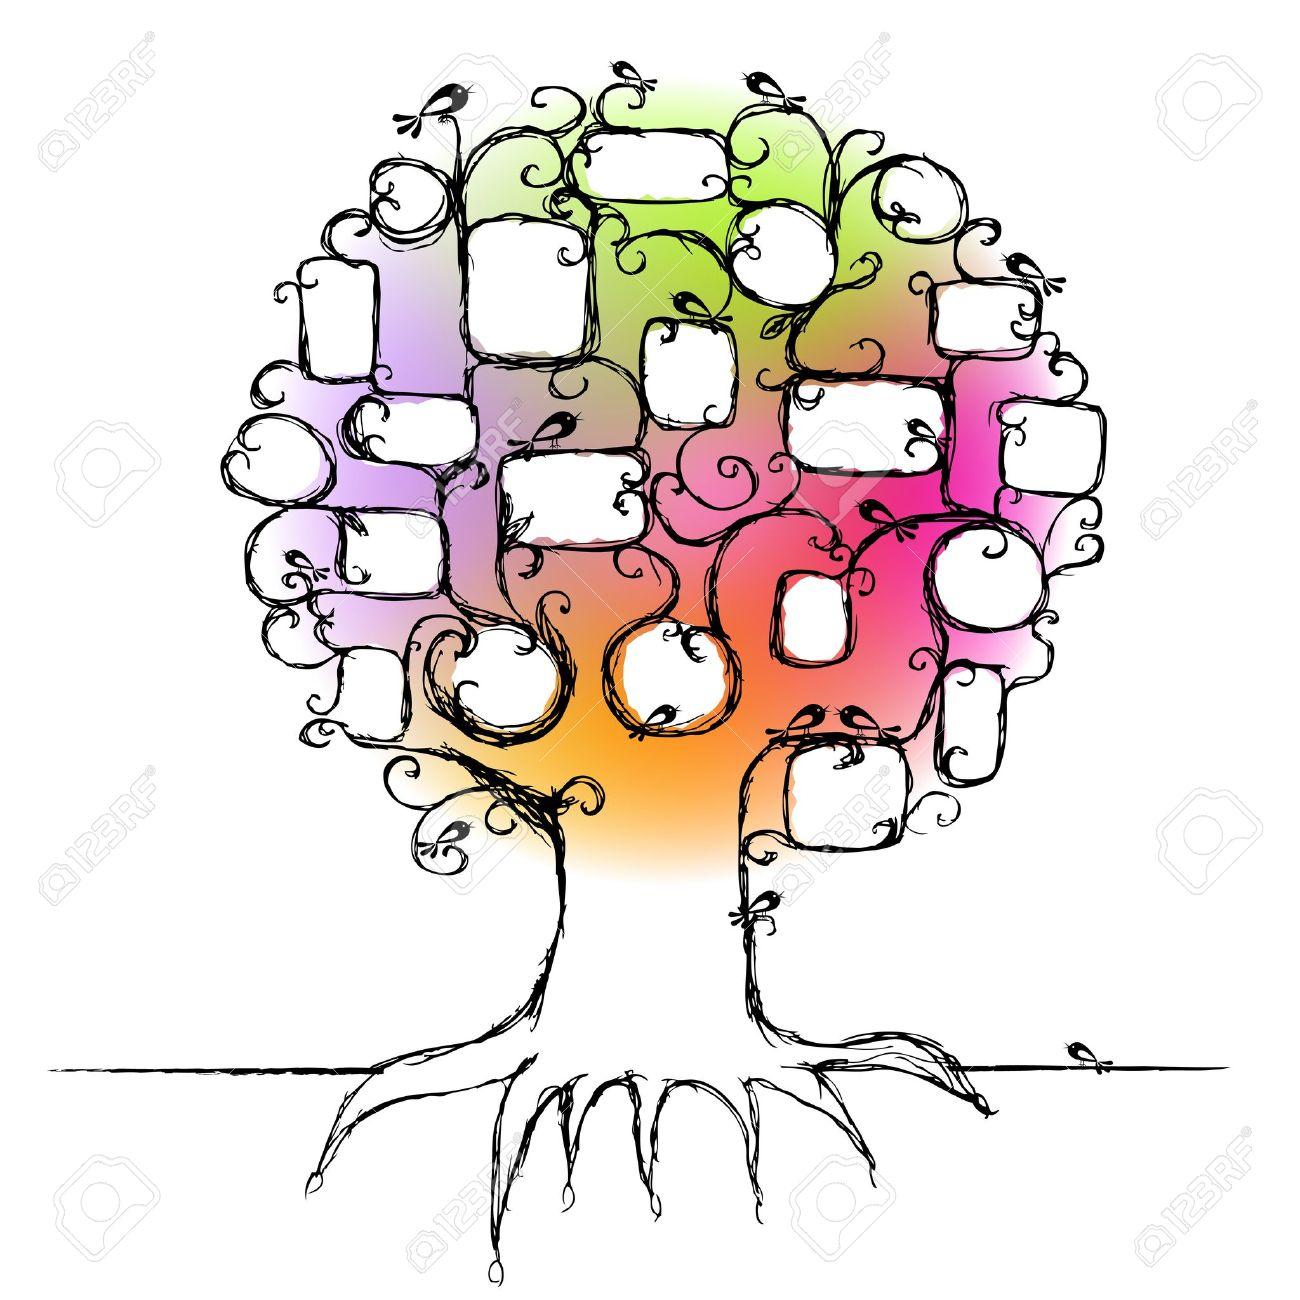 Diseño Del árbol De La Familia, Inserte Marcos A Tus Fotos ...